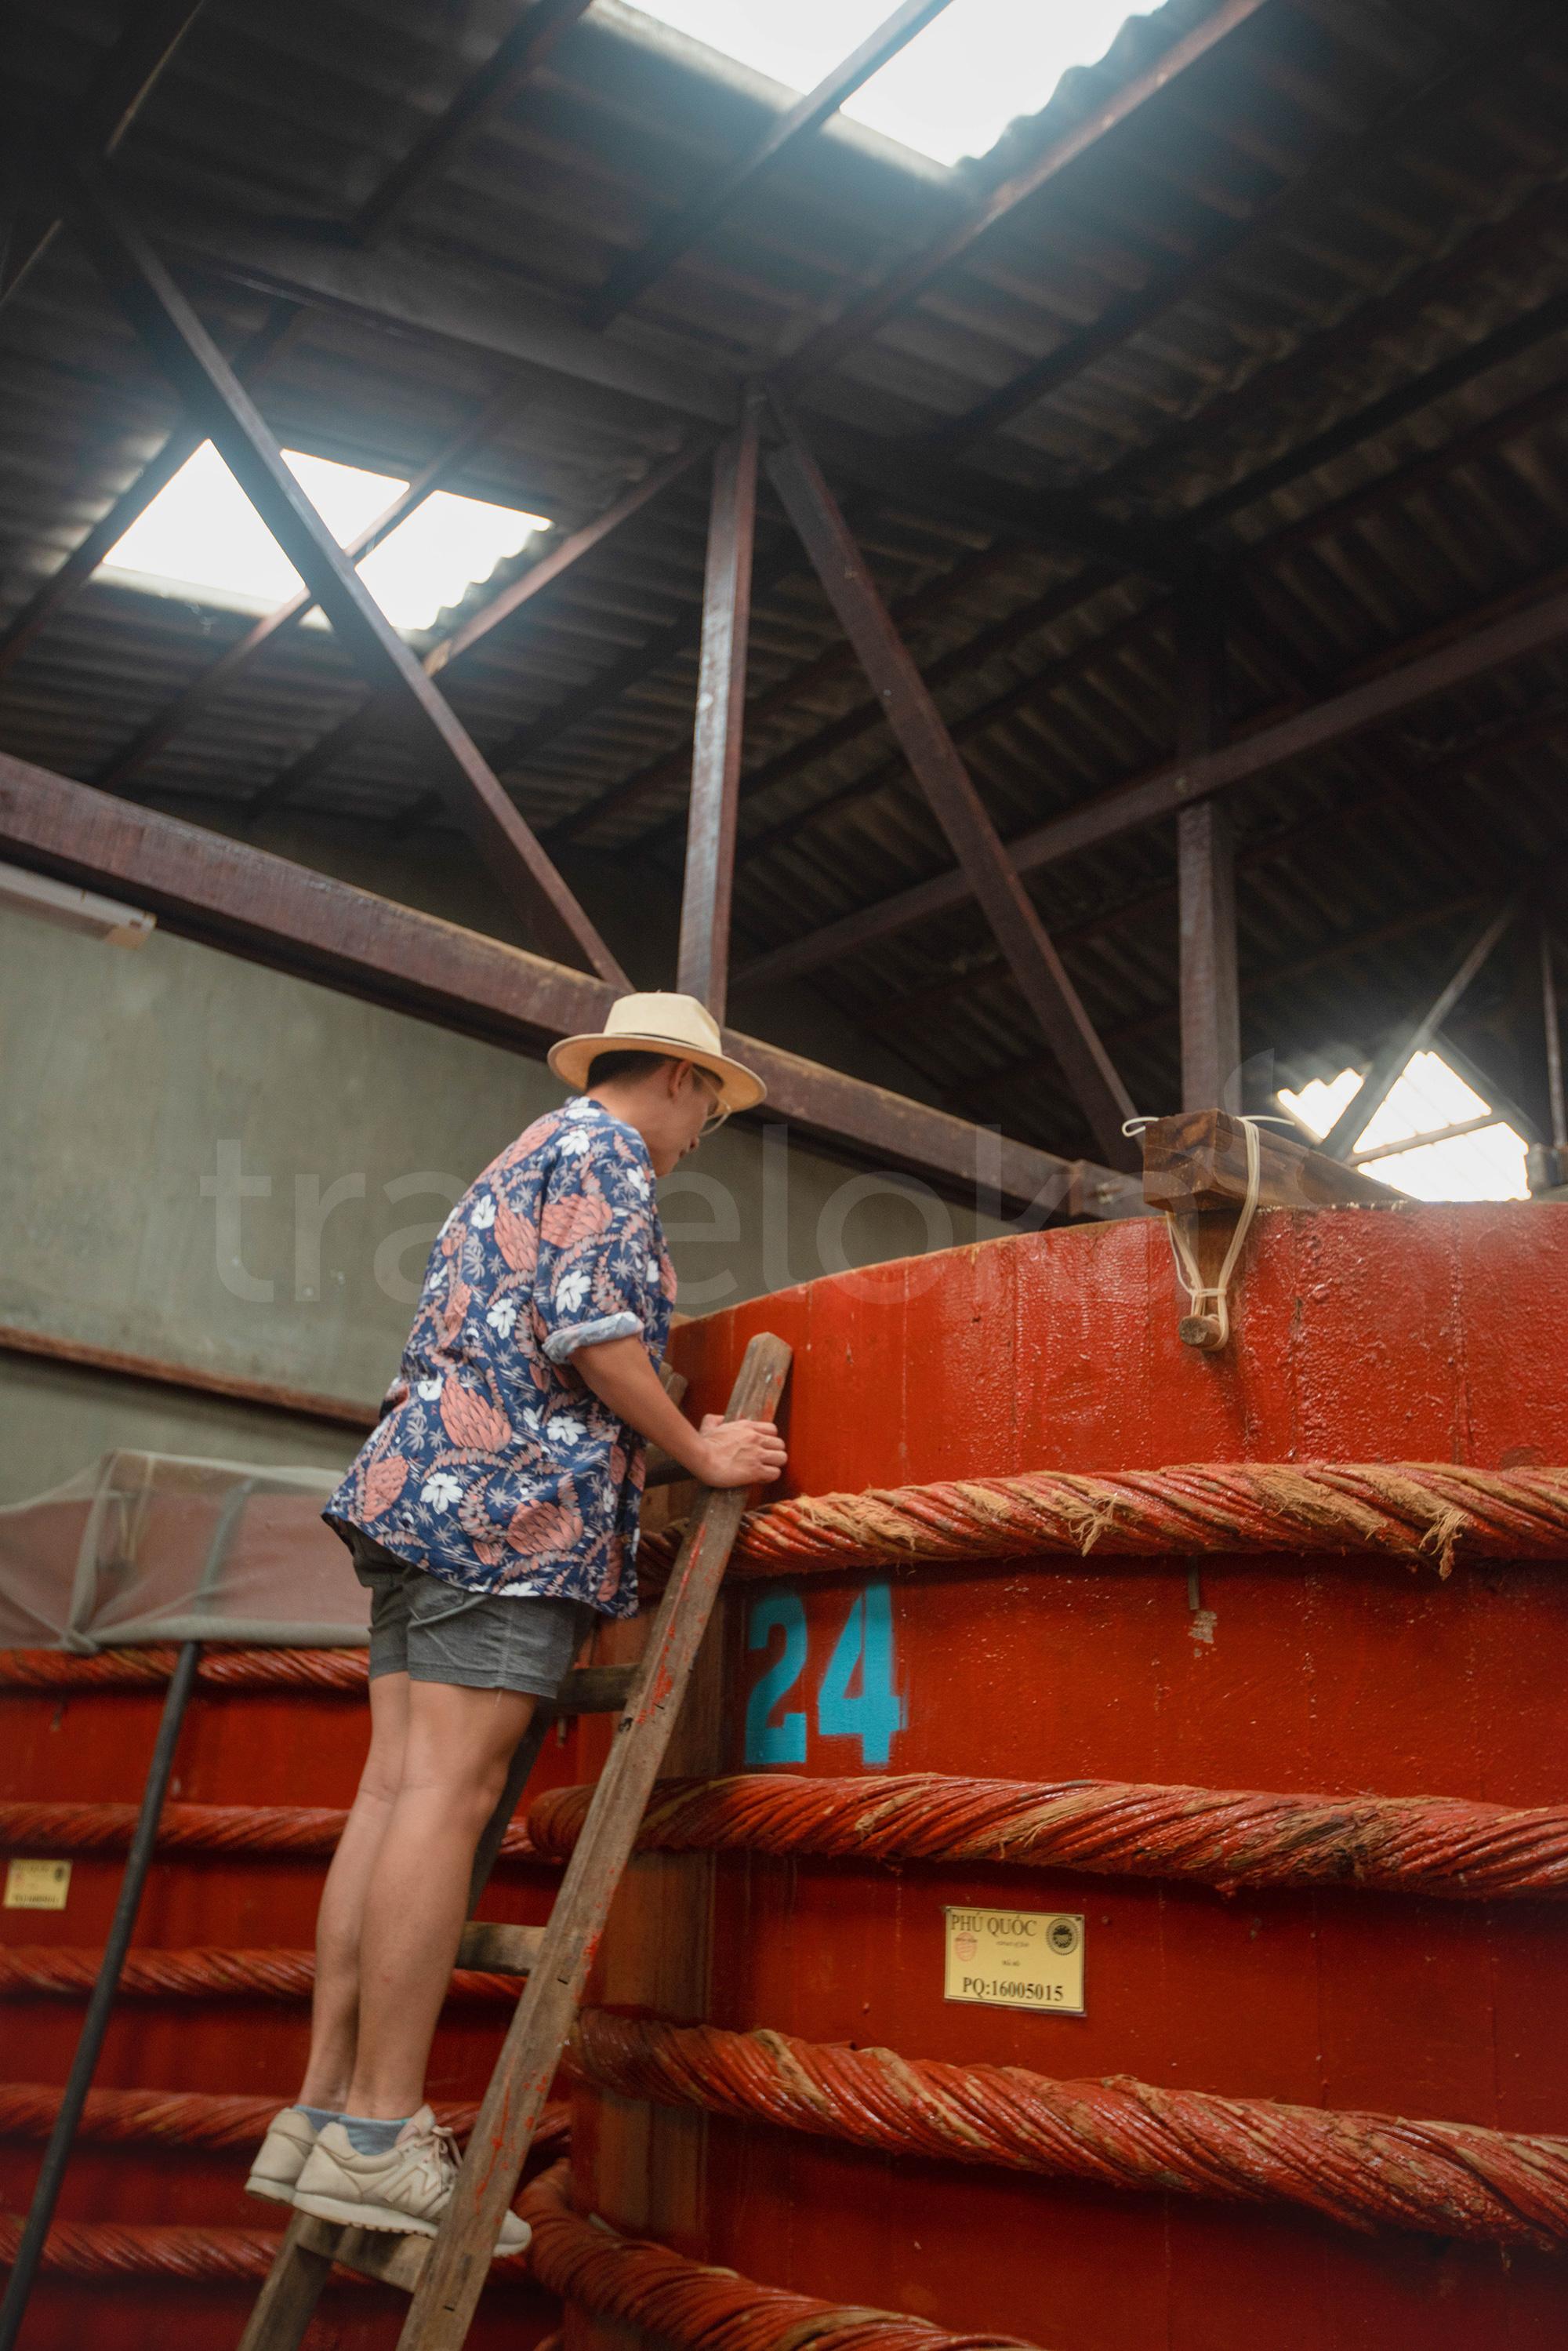 Cẩm nang du lịch Phú Quốc - Nhà thùng nước mắm